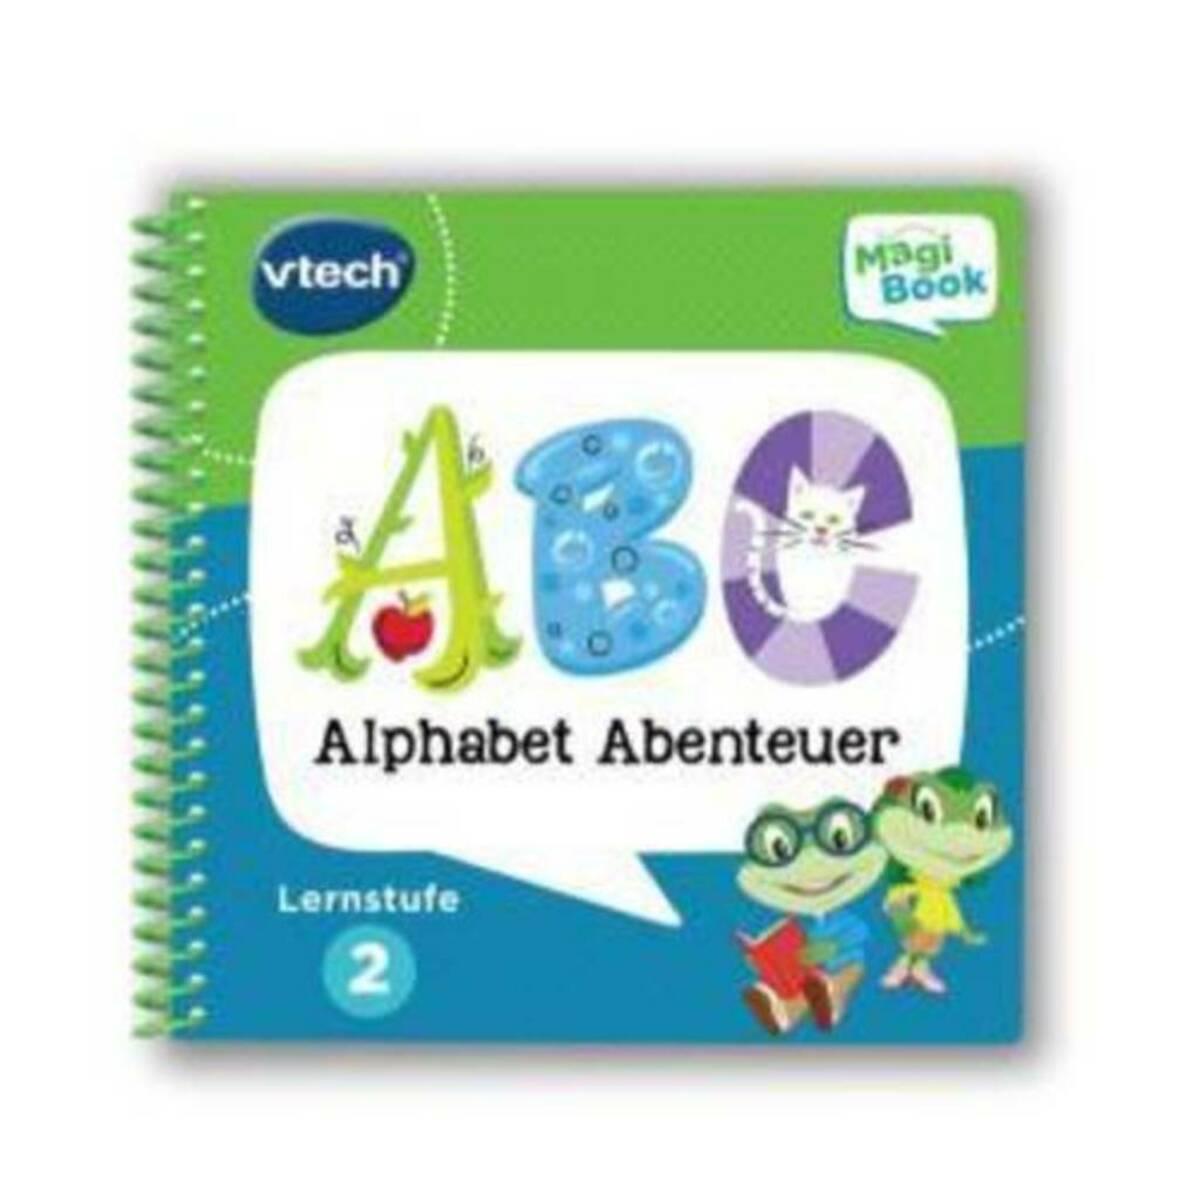 Bild 2 von Lernbuch Alpahbet Abenteuer